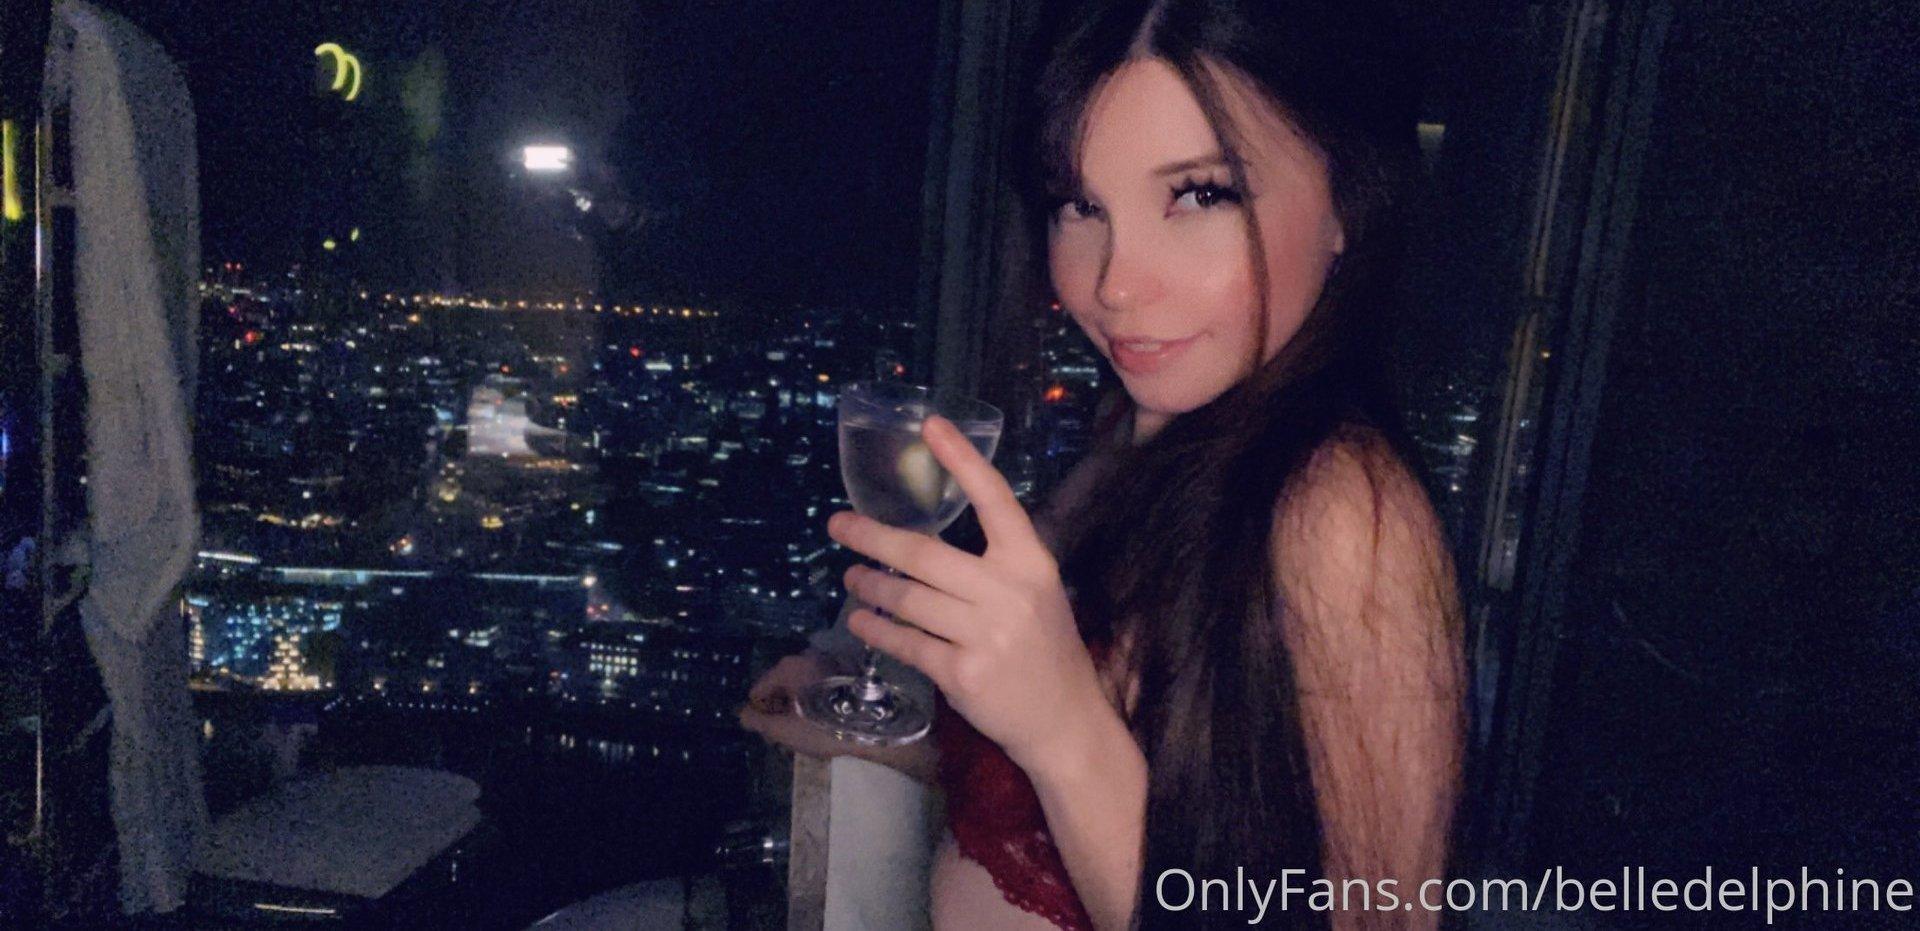 Belle Delphine Belledelphine Onlyfans Sexy Leaks 0009